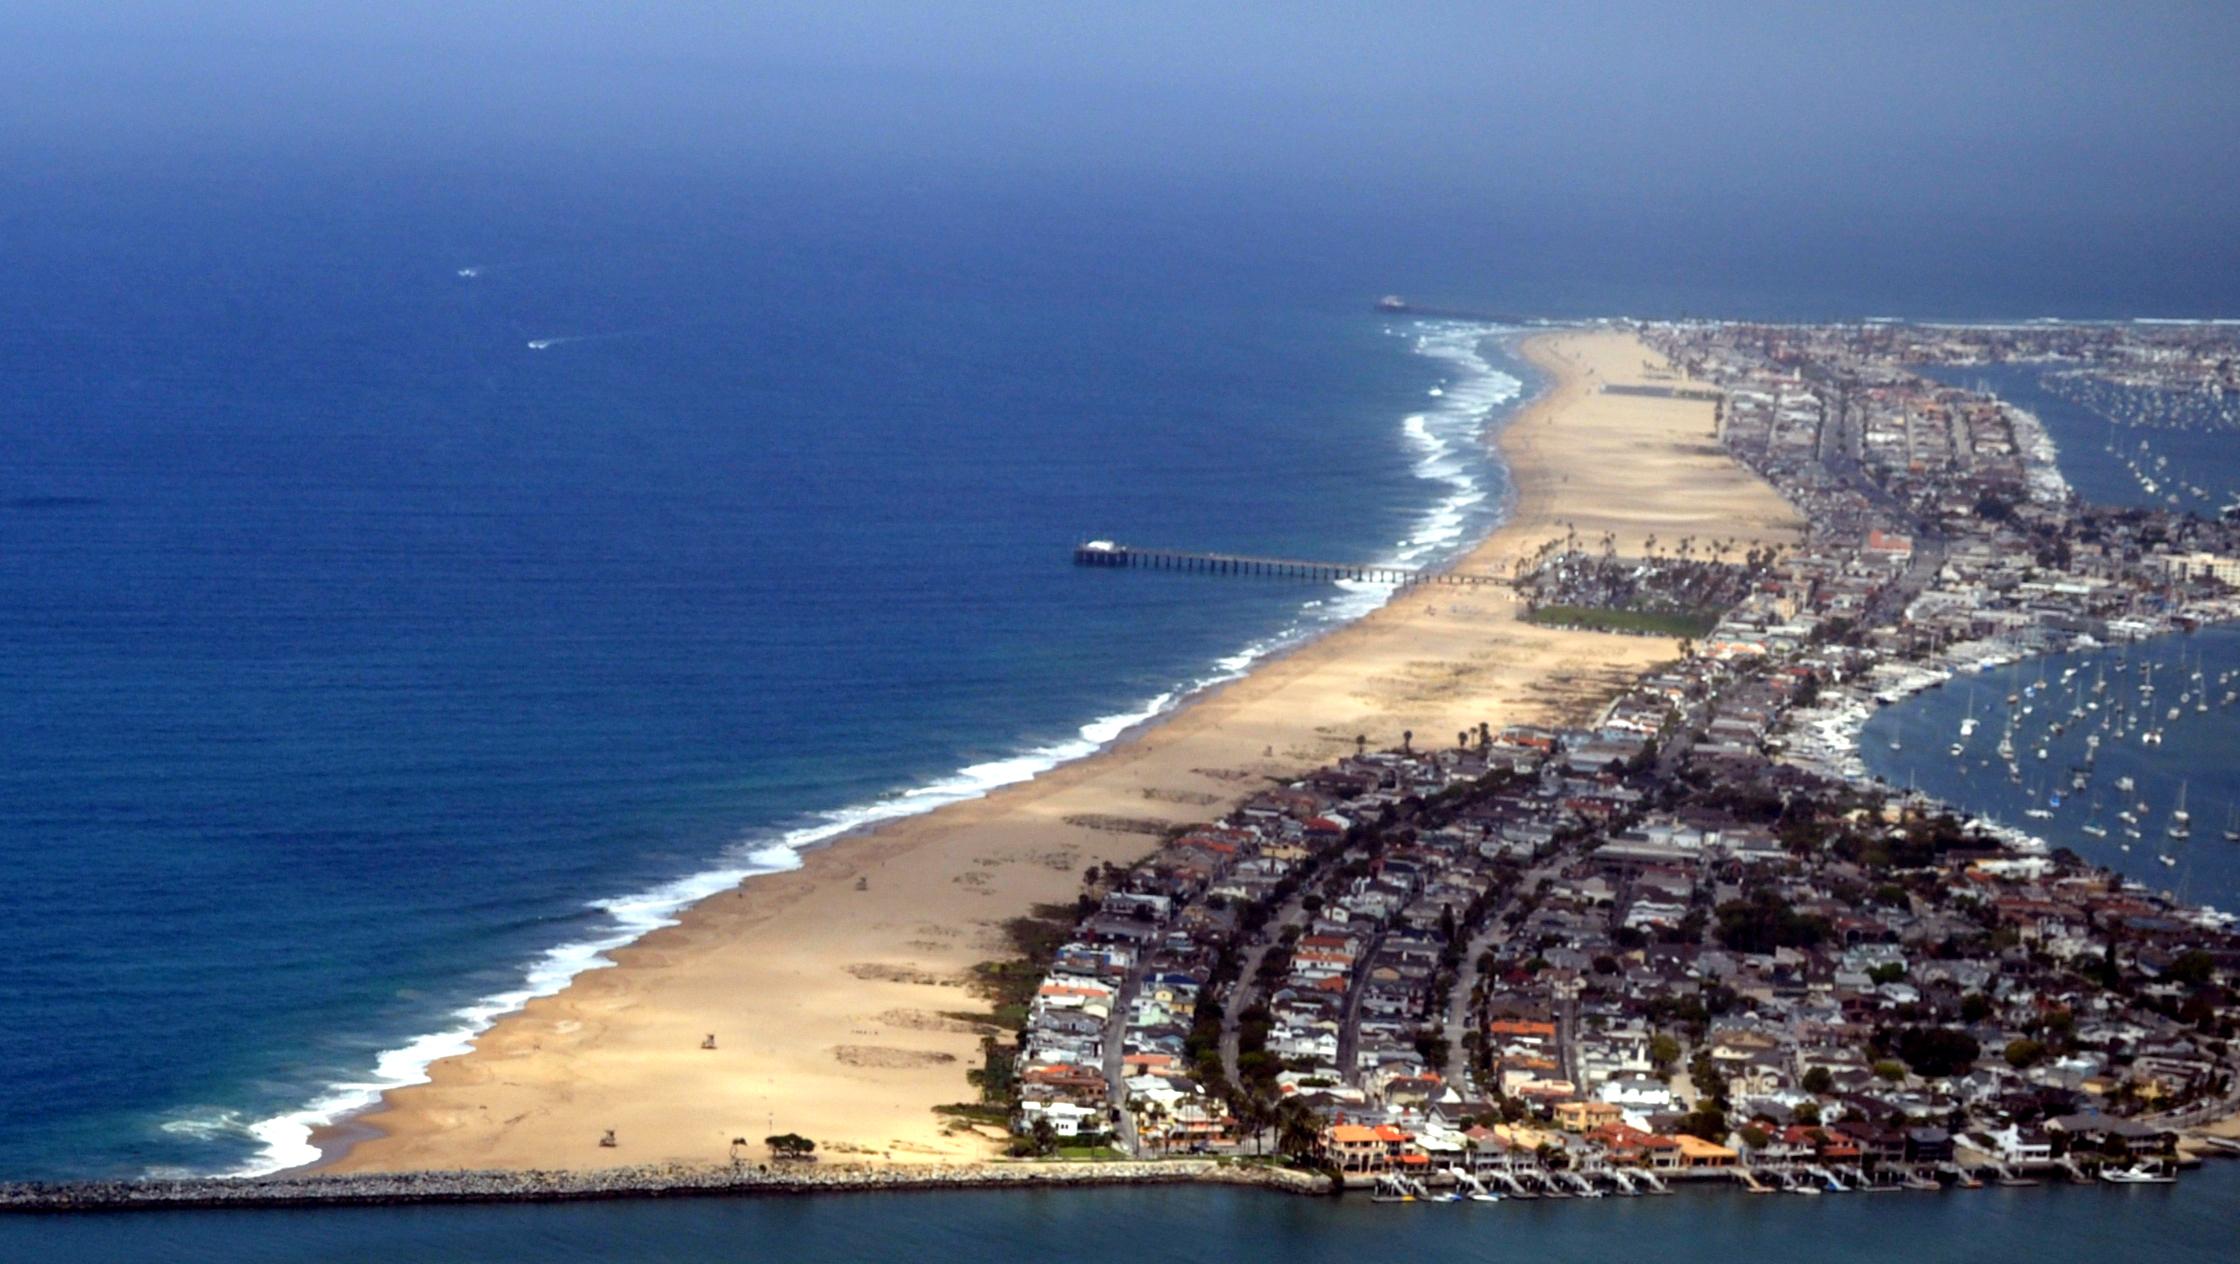 Newport Ca To Long Beach Ca